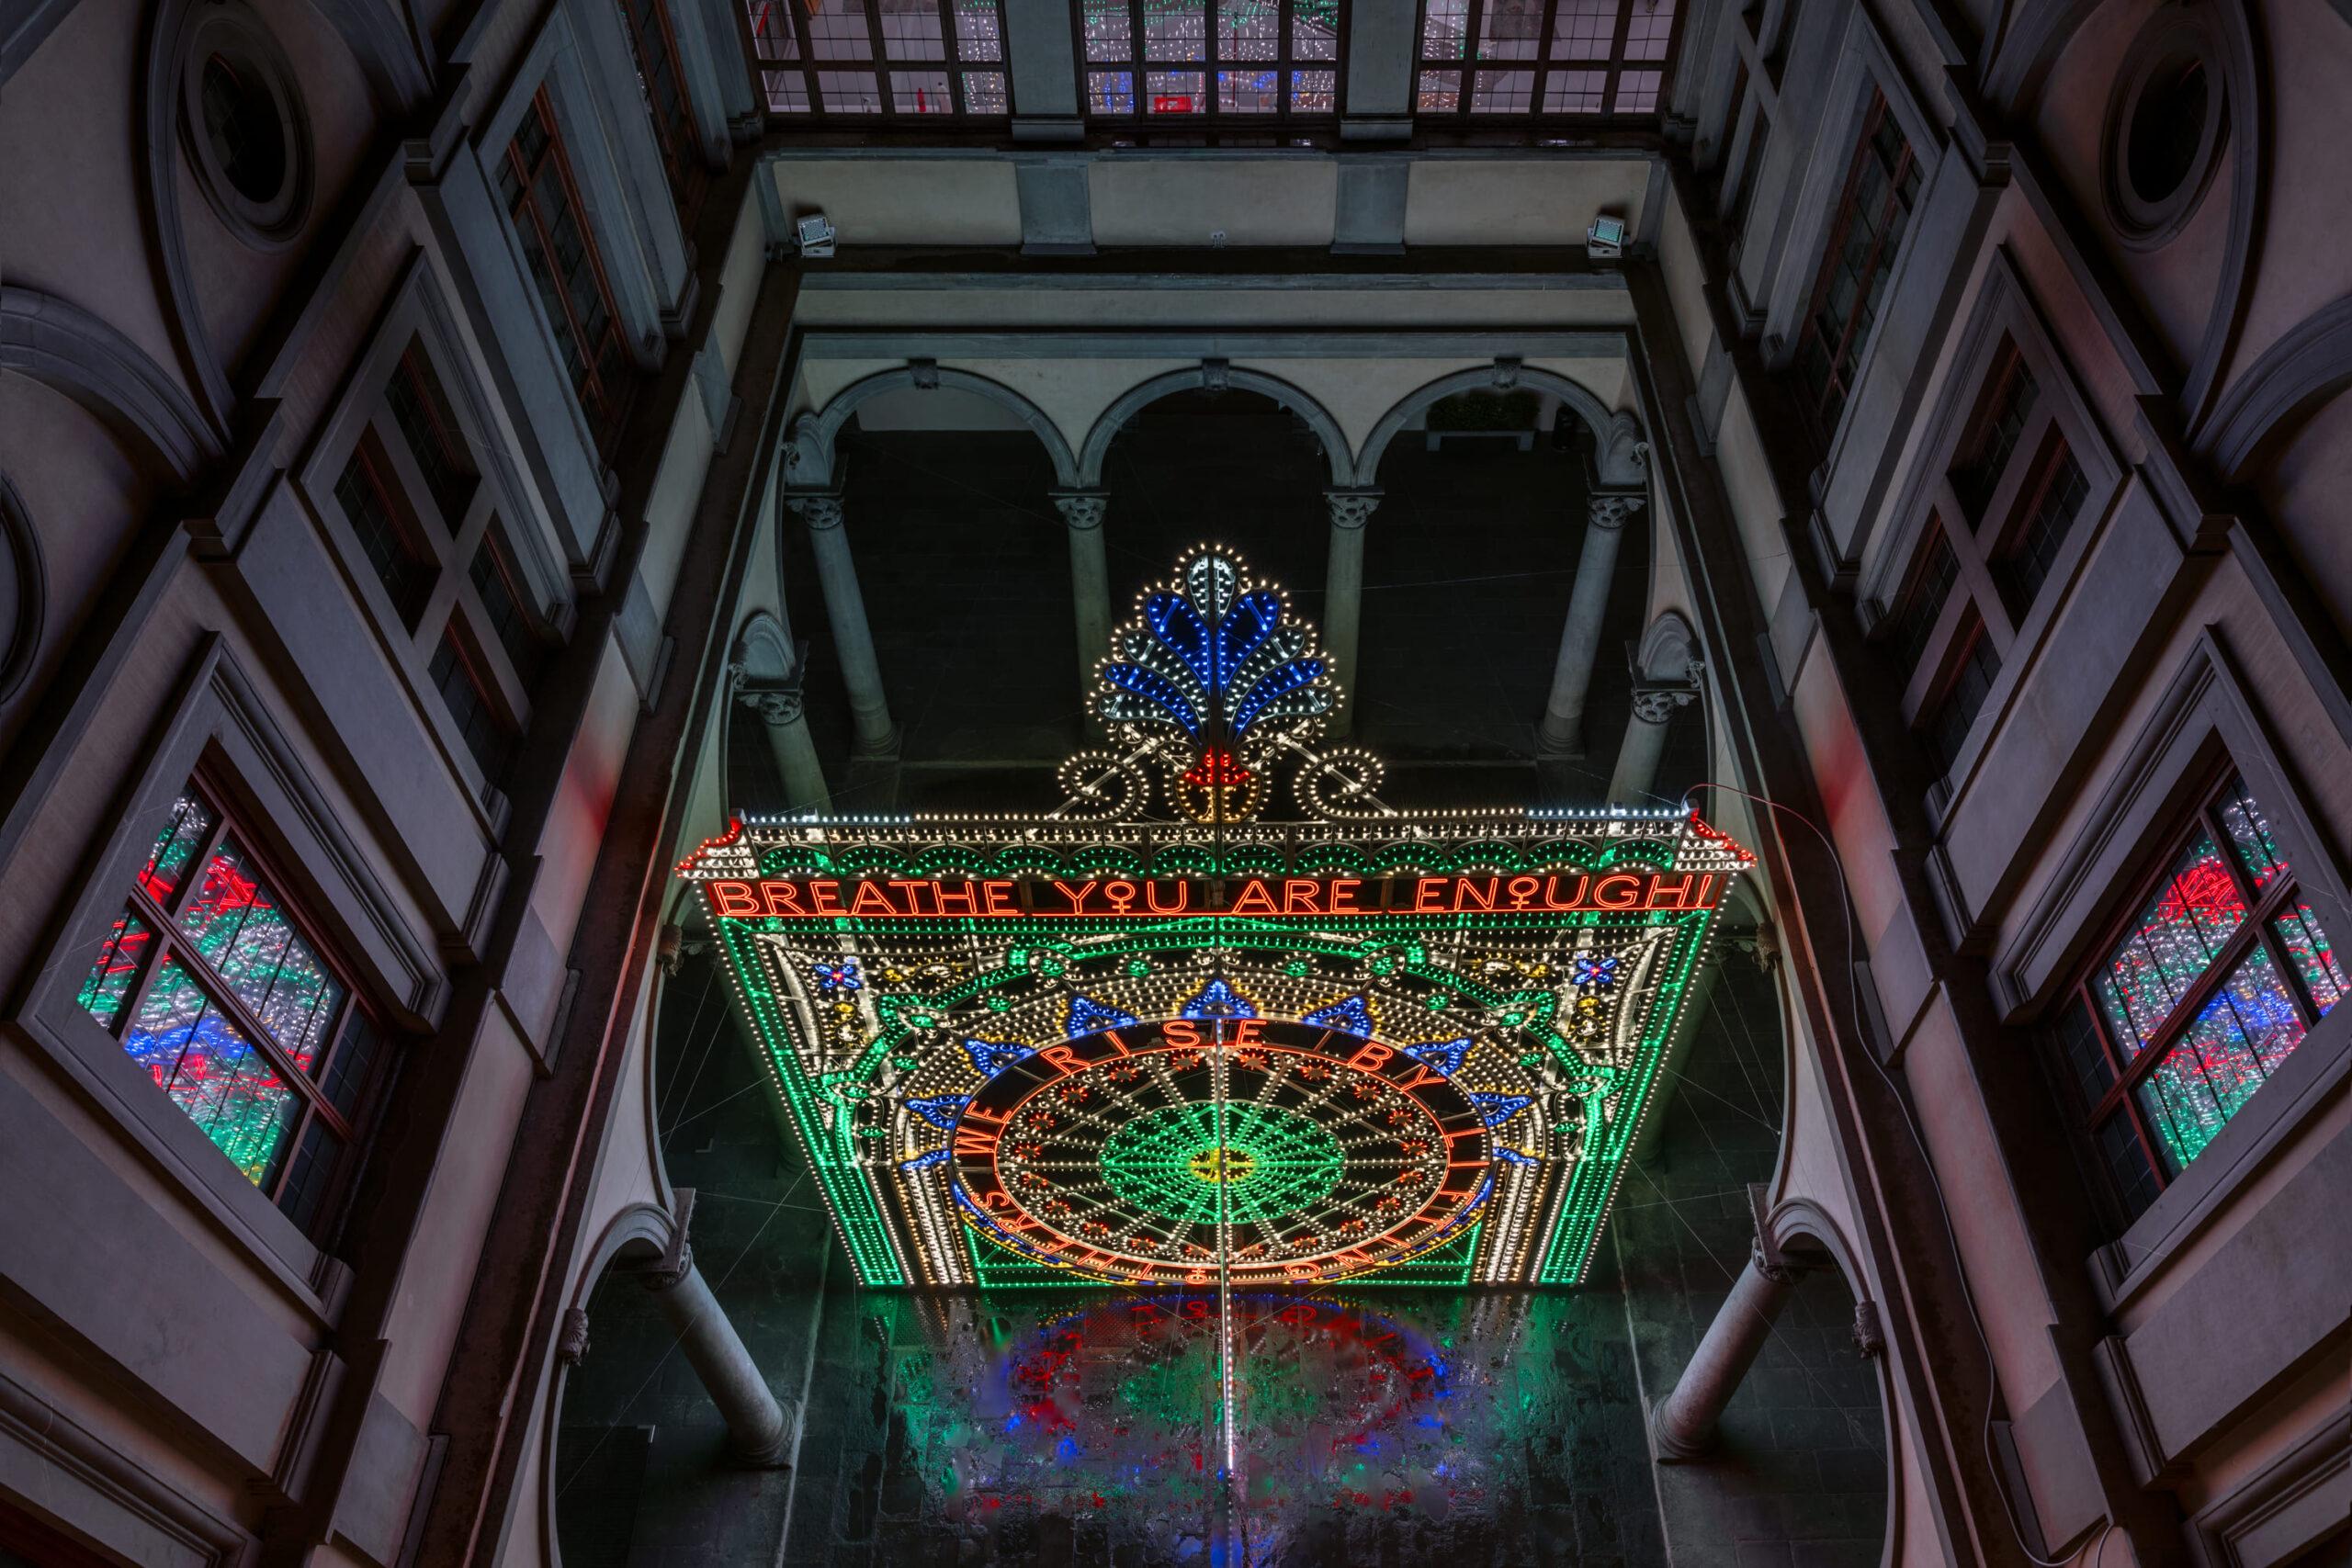 Ci eleviamo sollevando gli altri: le luminarie di Marinella Senatore a Palazzo Strozzi, Firenze